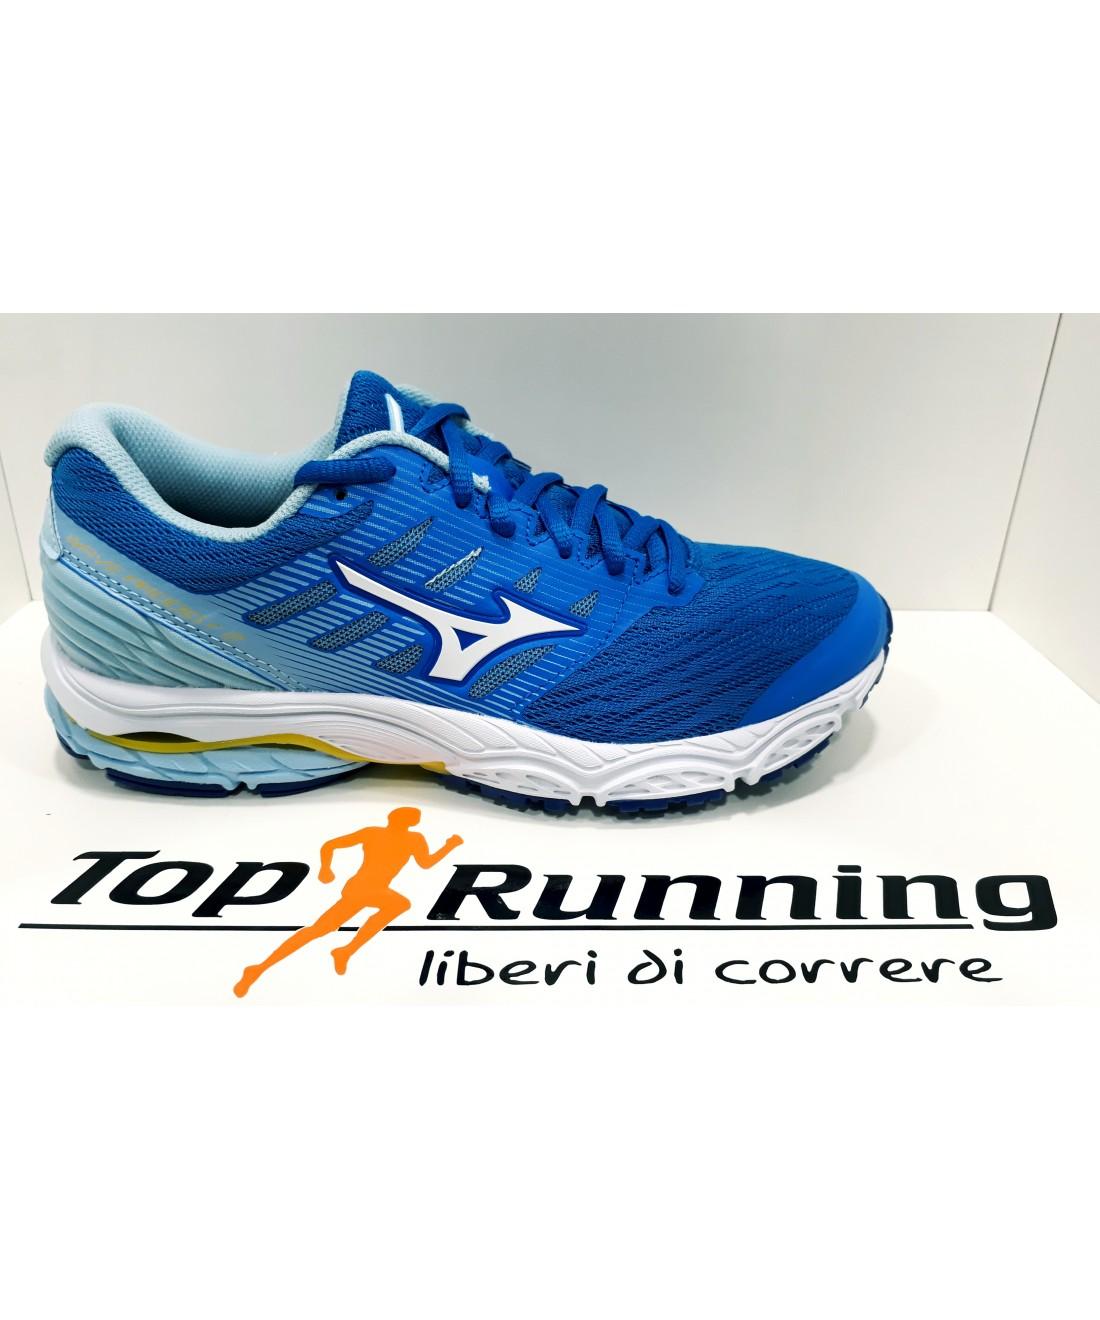 Scarpe da running - MIZUNO WAVE PRODIGY 2 DONNA - Top Running ... f4d5cafa42f